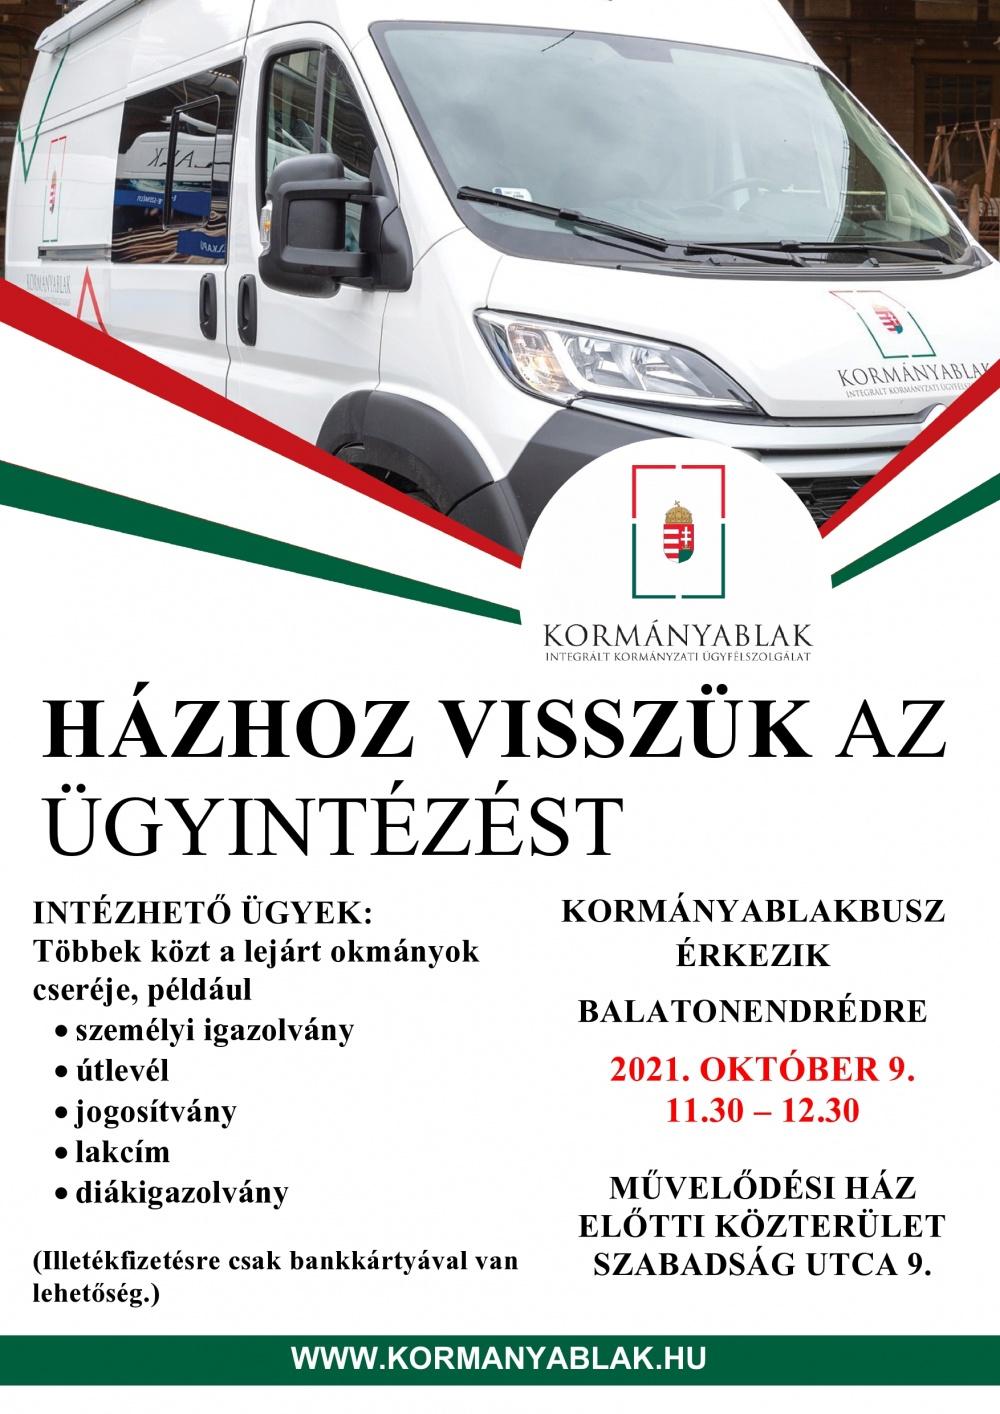 Kormányablakos busz érkezik településünkre 2021. 10. 09-én